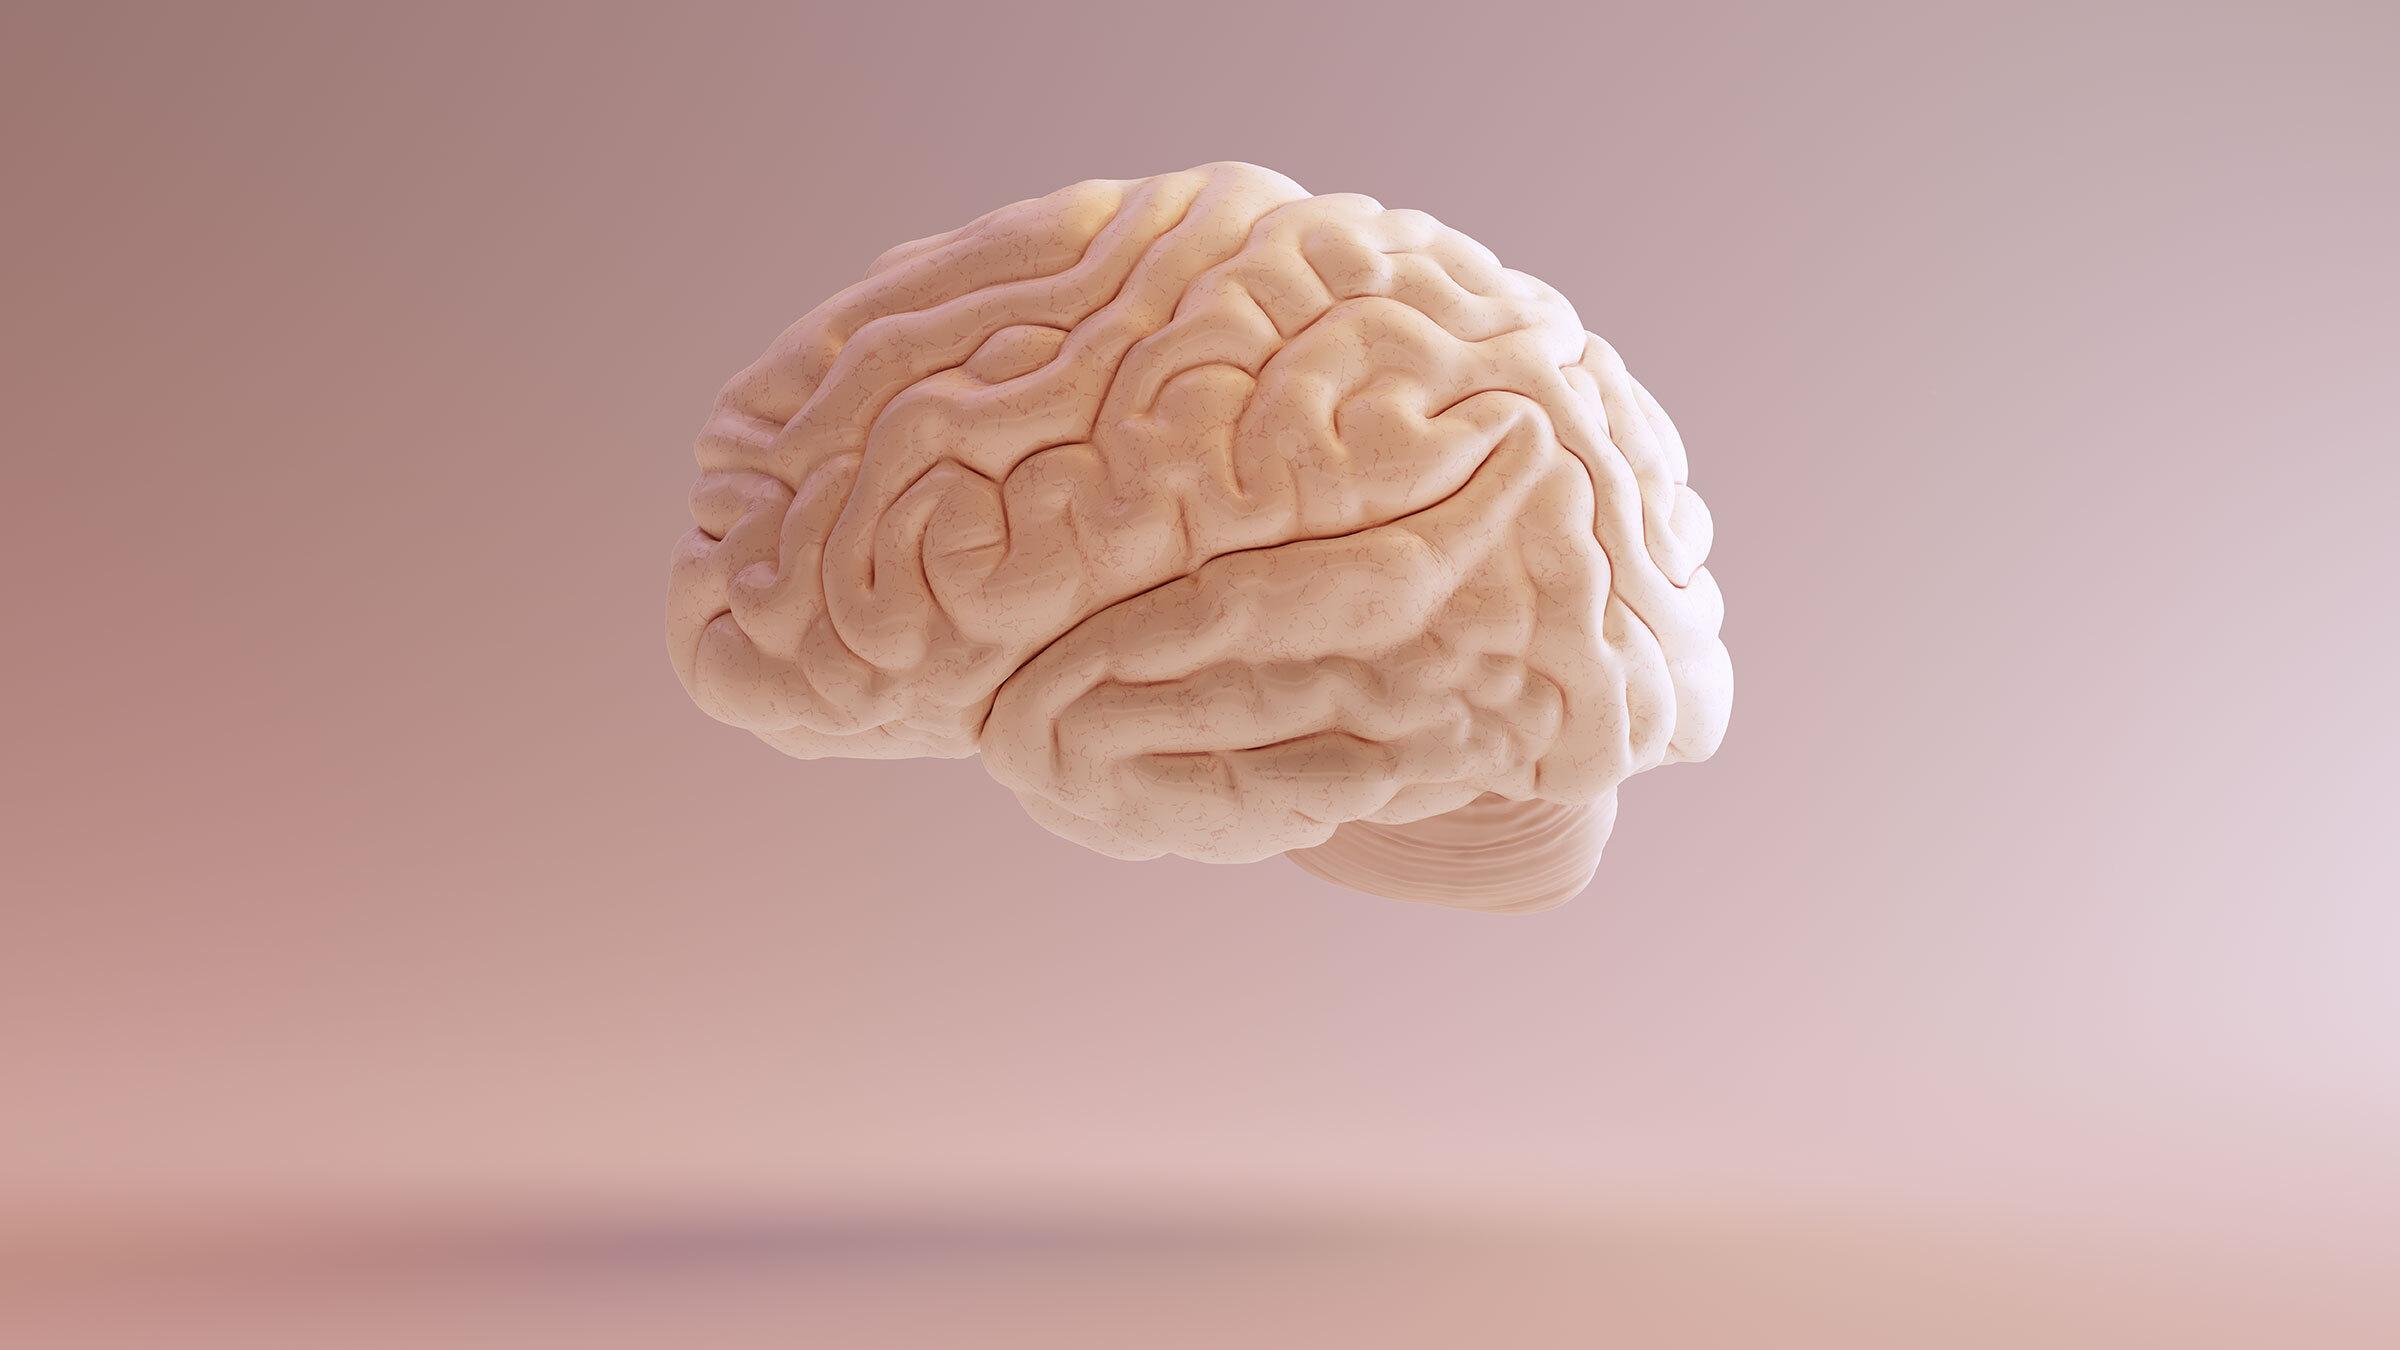 Найден способ сохранить работу мозга после травм и постоянного недосыпа